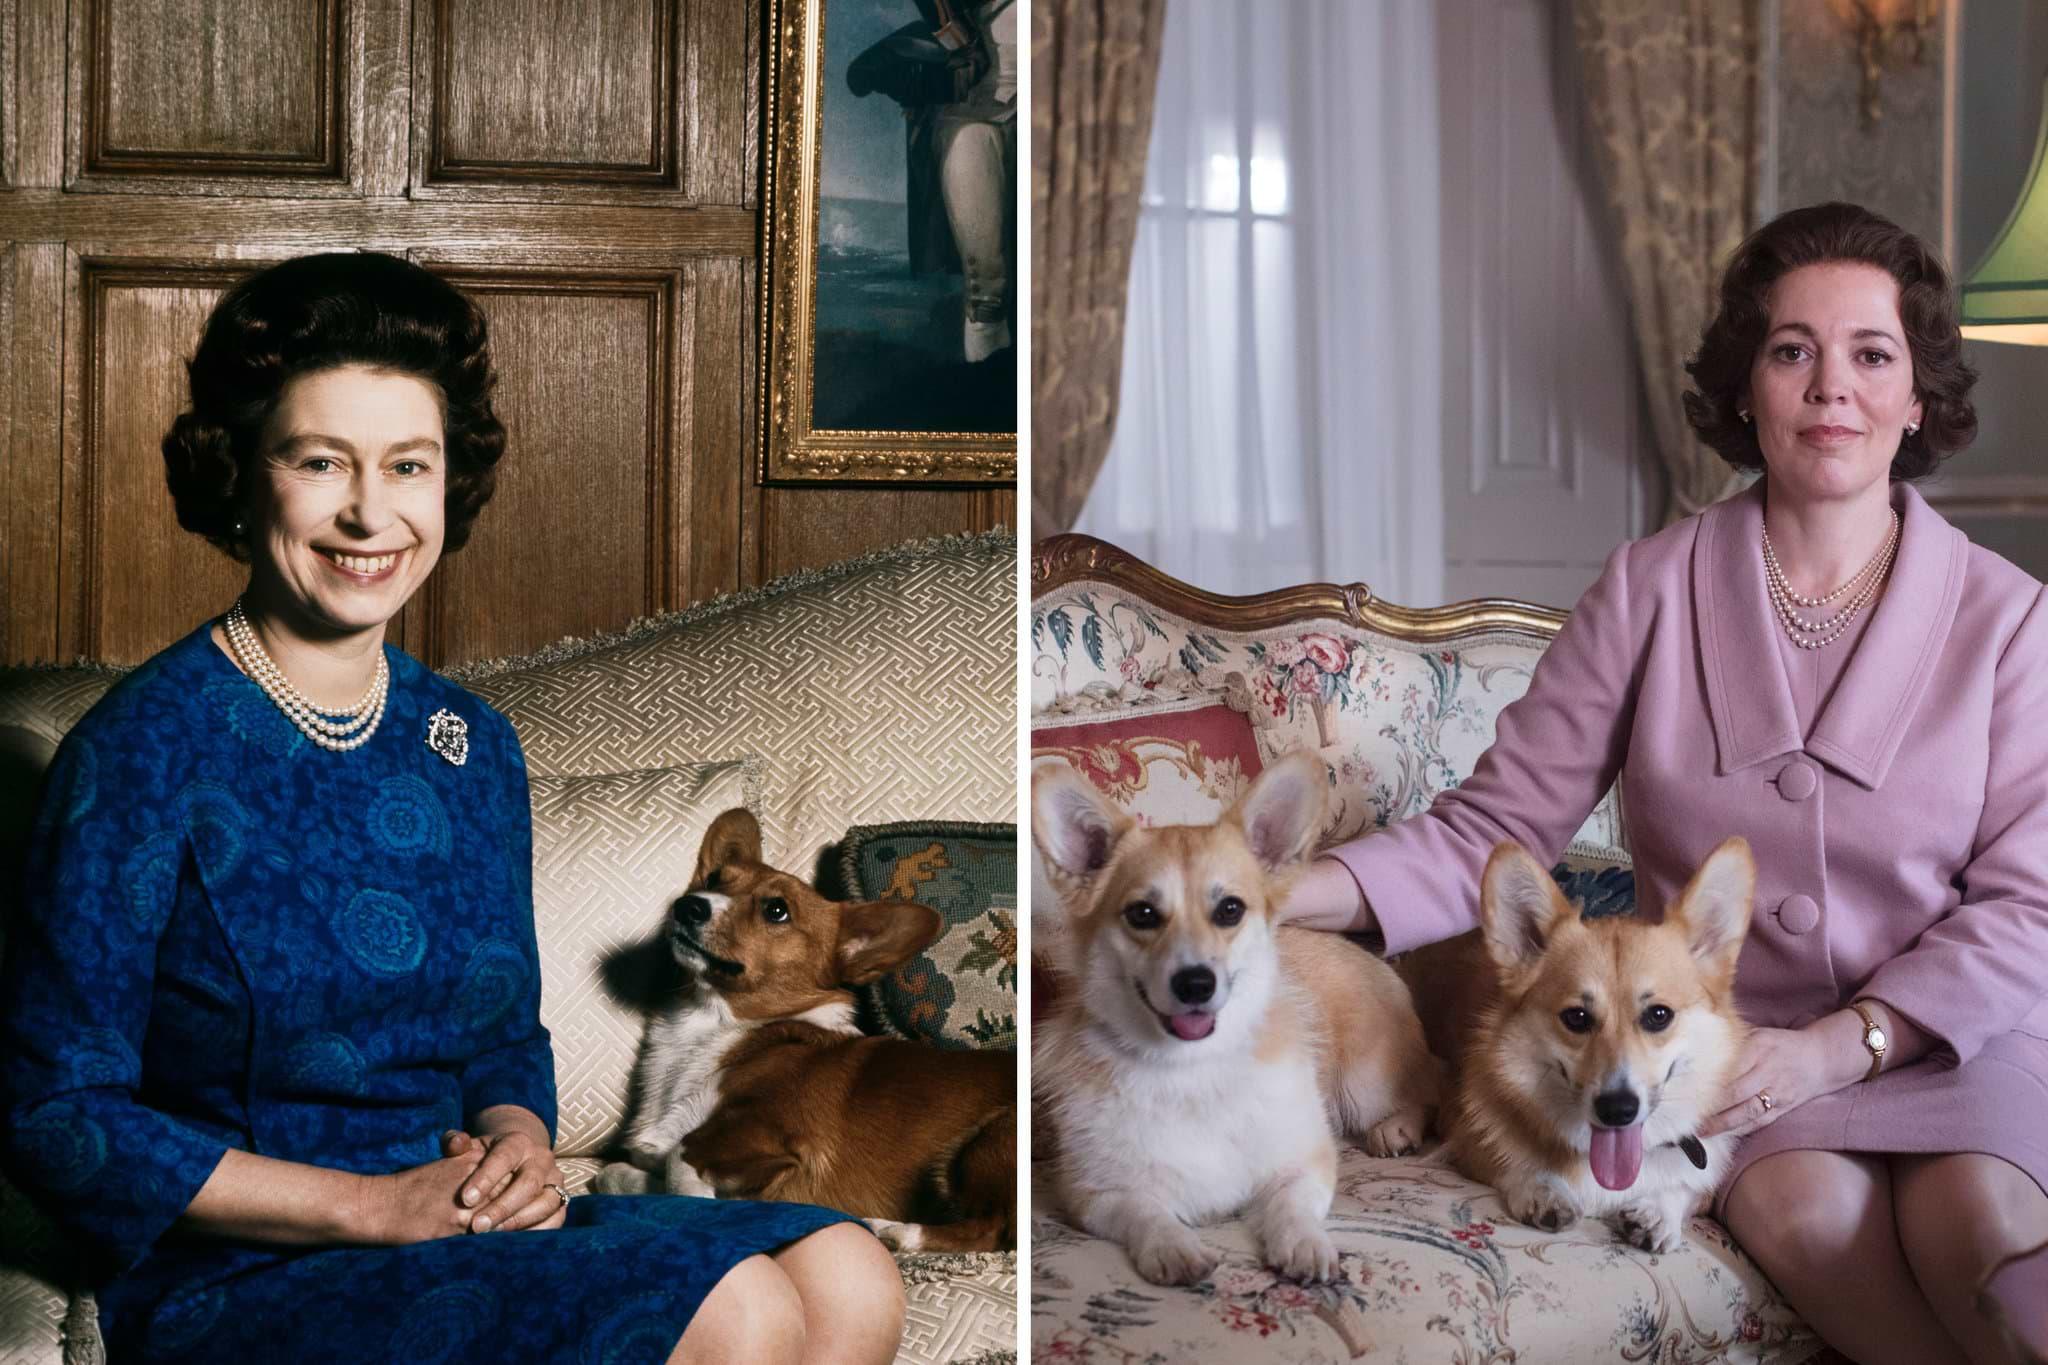 1970-е: королева Елизавета IIвжизни (слева) ив3сезоне сериала «Корона» (справа). Фото: Fox Photos / Hulton Archive / Getty Images; Des Willie / Netflix